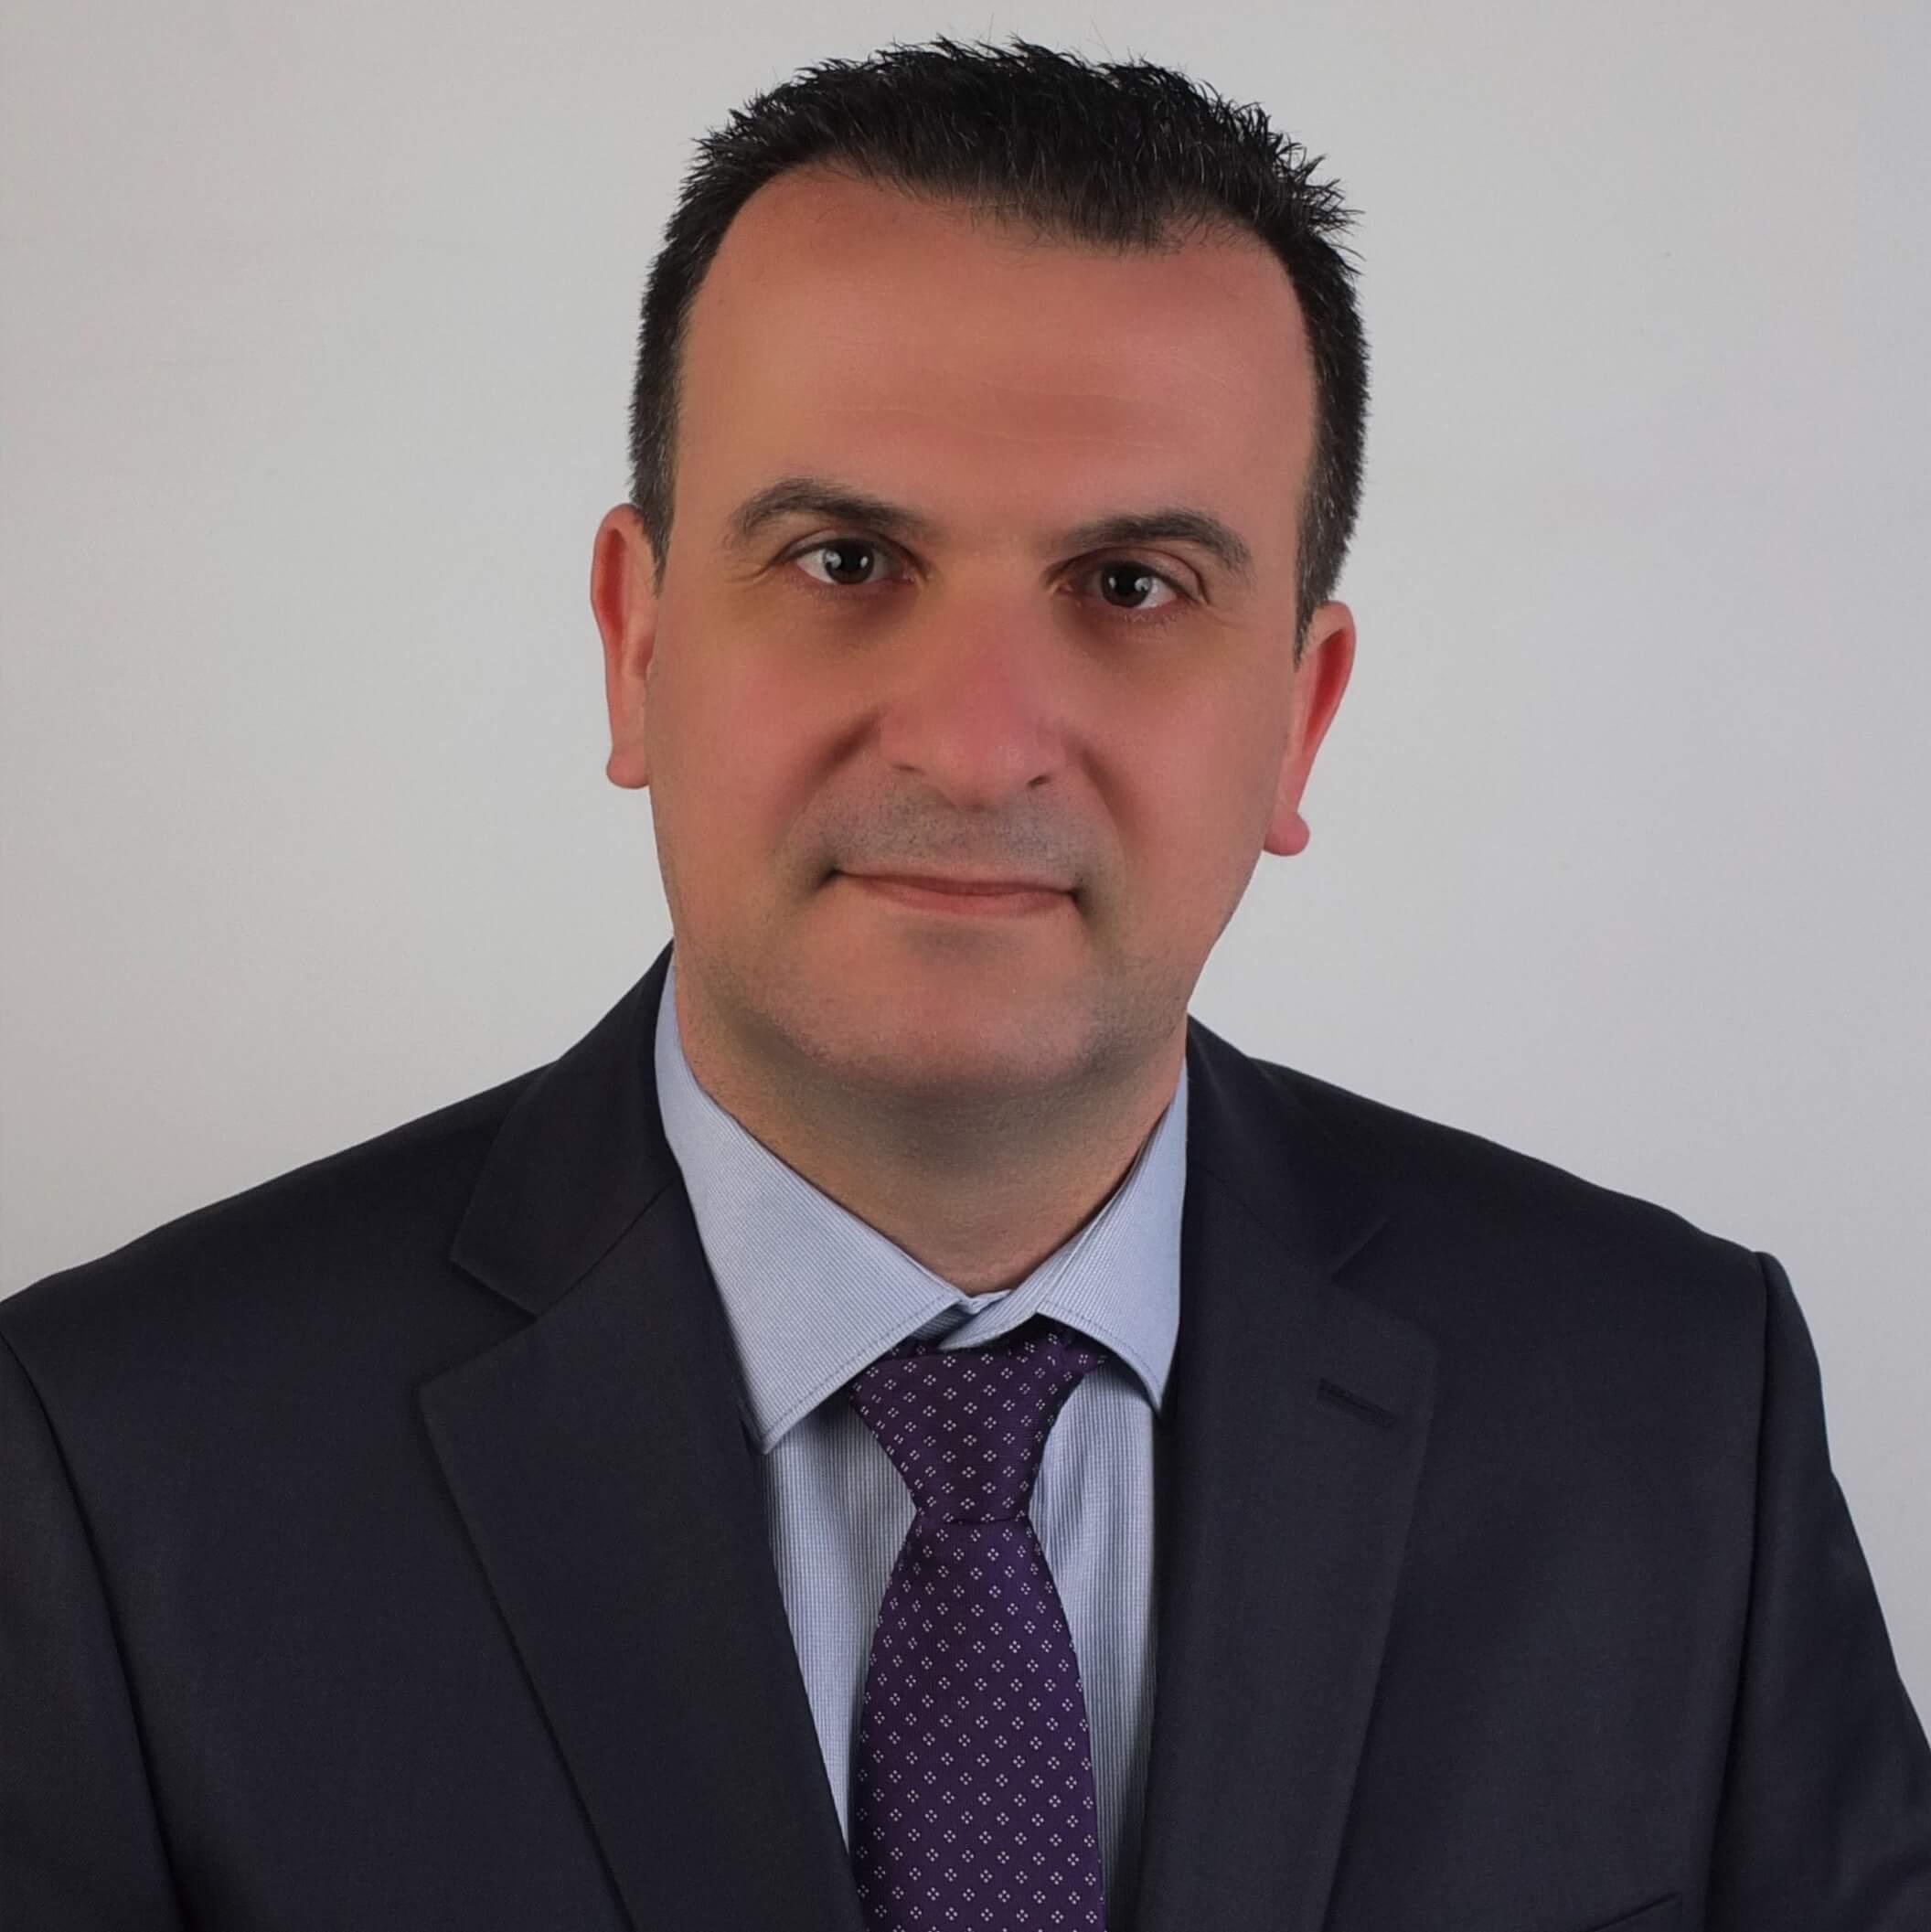 Νίκος Θεοχάρης | Καθηγητής Τεχνικών Μαθημάτων | Ανώτερη Σχολή Τουριστικής Εκπαίδευσης Ρόδου